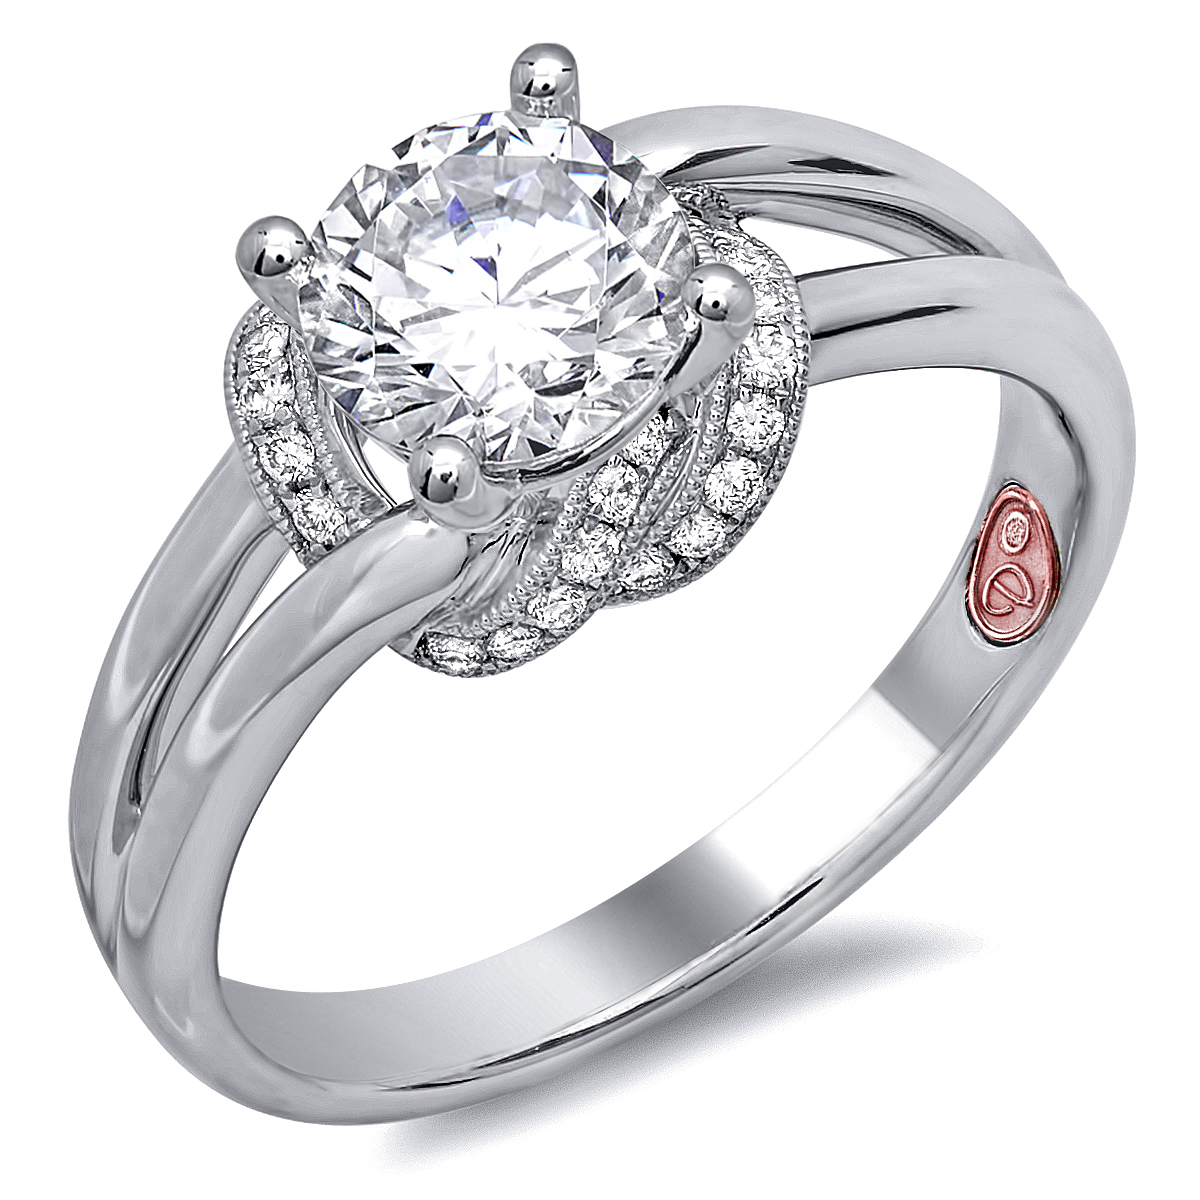 Bridal Jewelry - DW6882